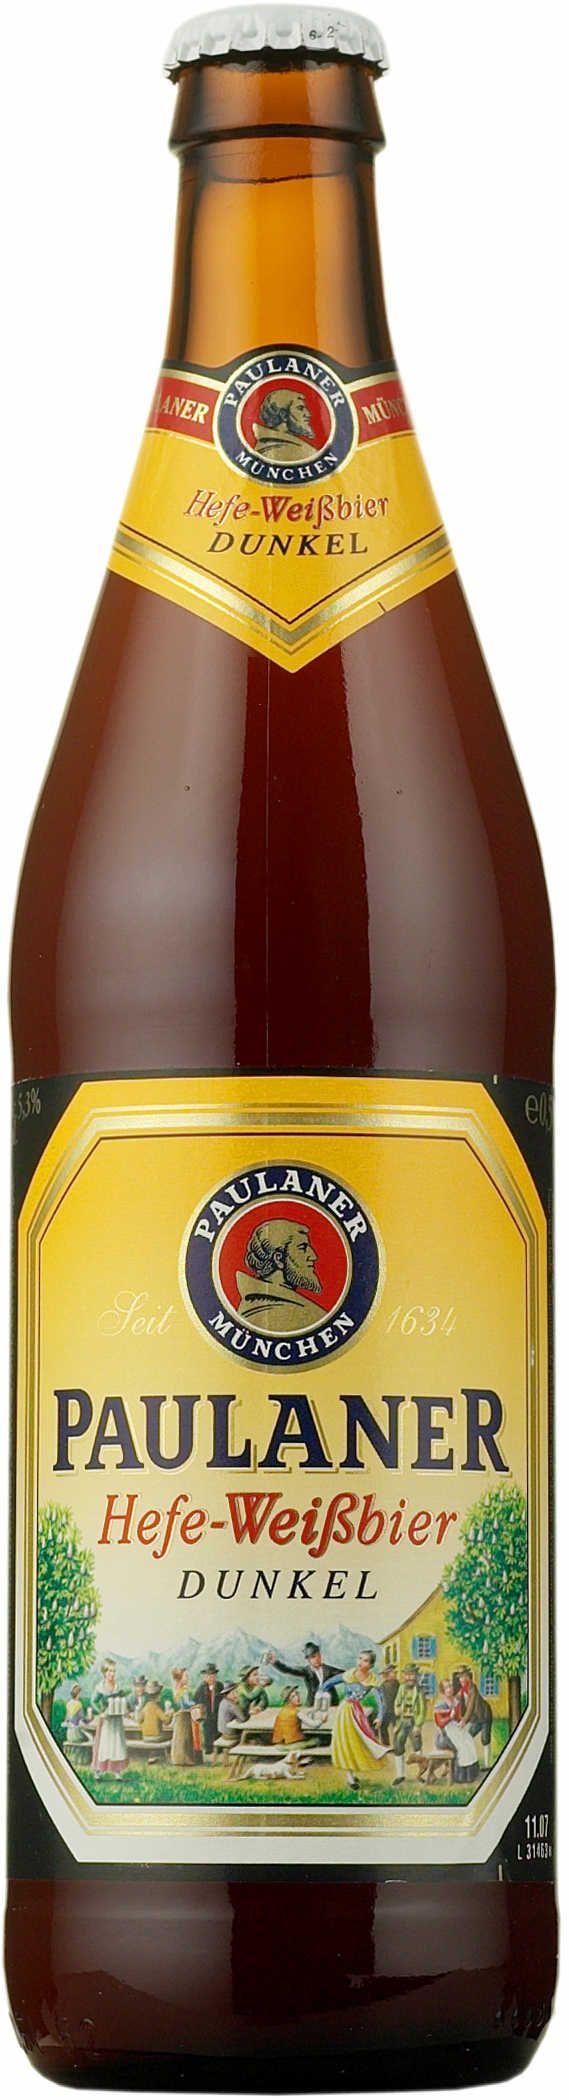 Paulaner - Weiss beer (one of my absolute favorites)!